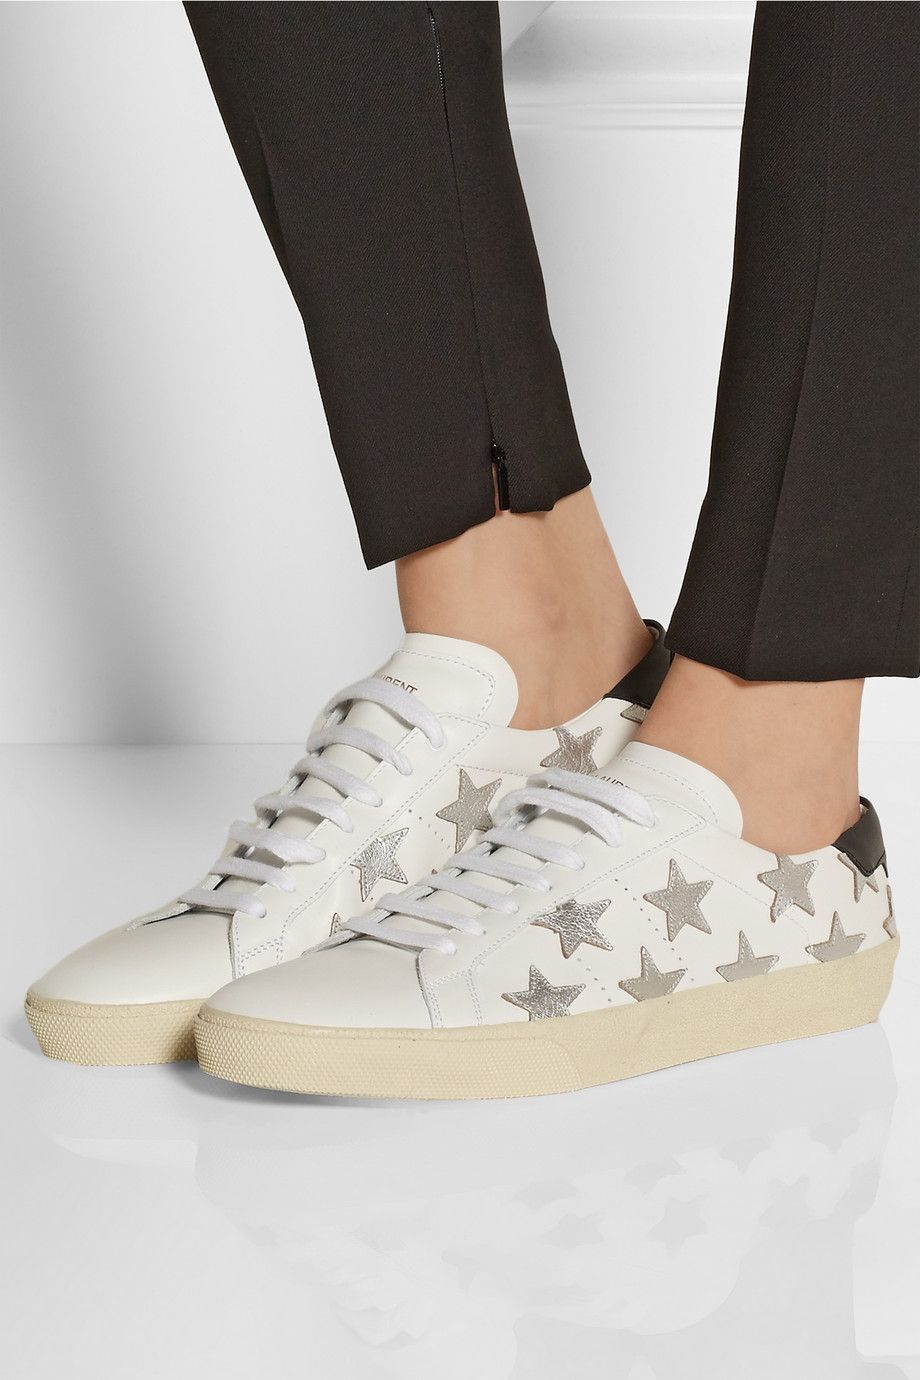 Saint Laurent Star Lace-Up Sneakers F4REzYB